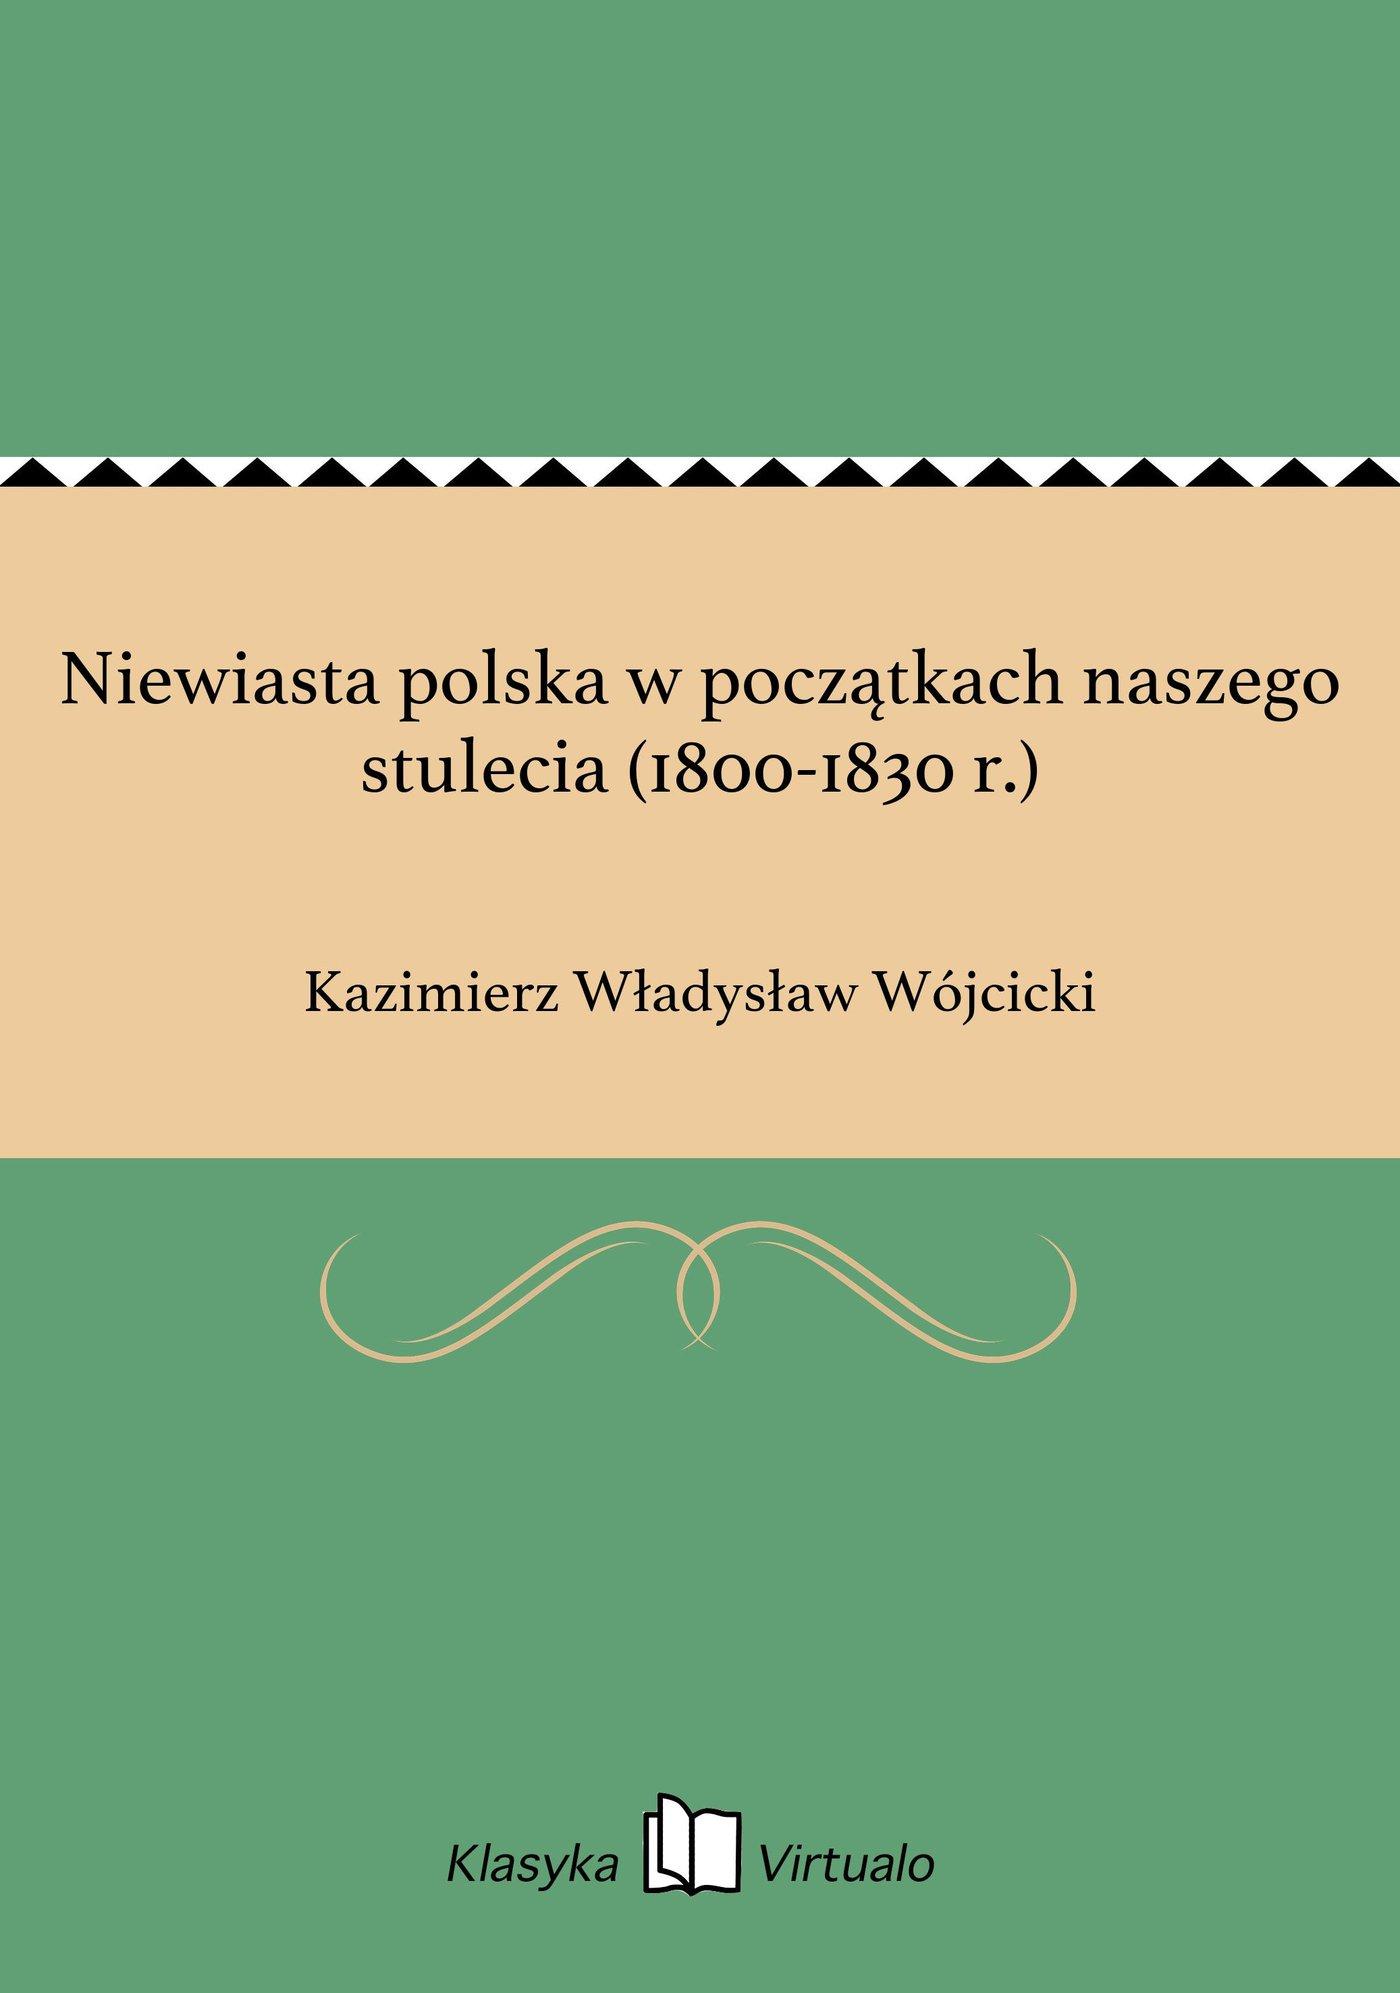 Niewiasta polska w początkach naszego stulecia (1800-1830 r.) - Ebook (Książka EPUB) do pobrania w formacie EPUB